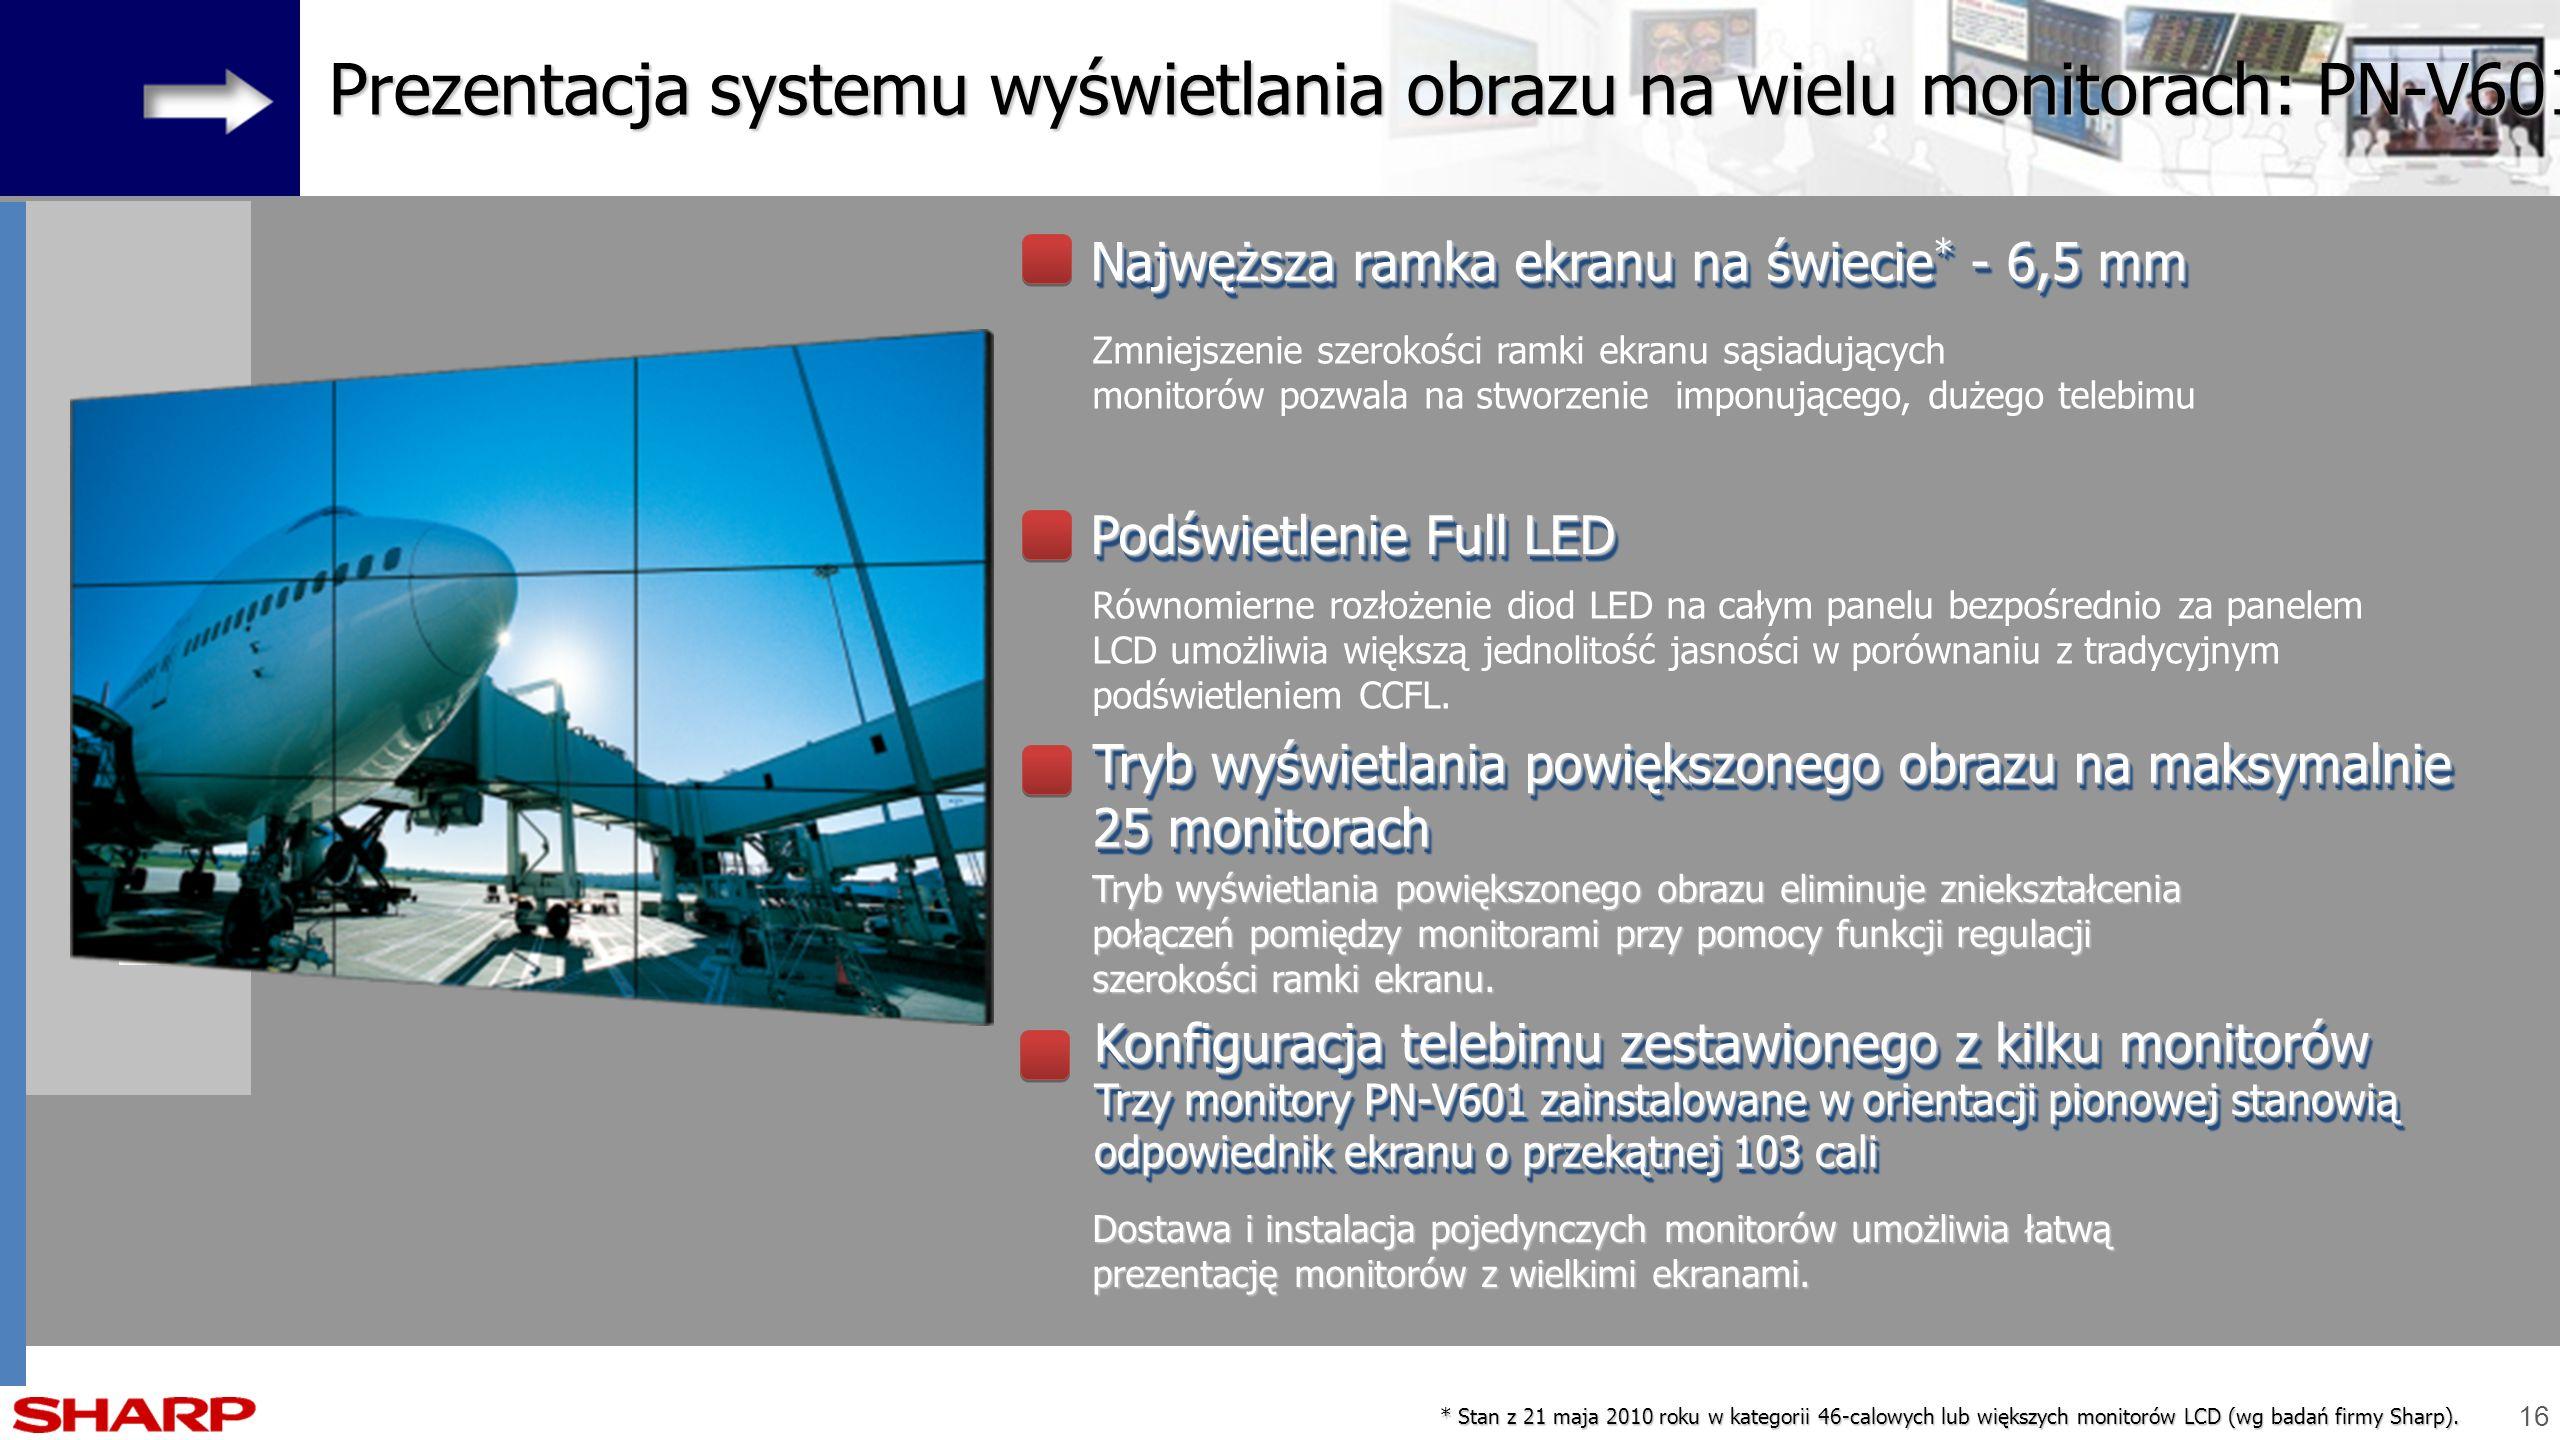 16 Prezentacja systemu wyświetlania obrazu na wielu monitorach: PN-V601 Najwęższa ramka ekranu na świecie * - 6,5 mm * Stan z 21 maja 2010 roku w kate